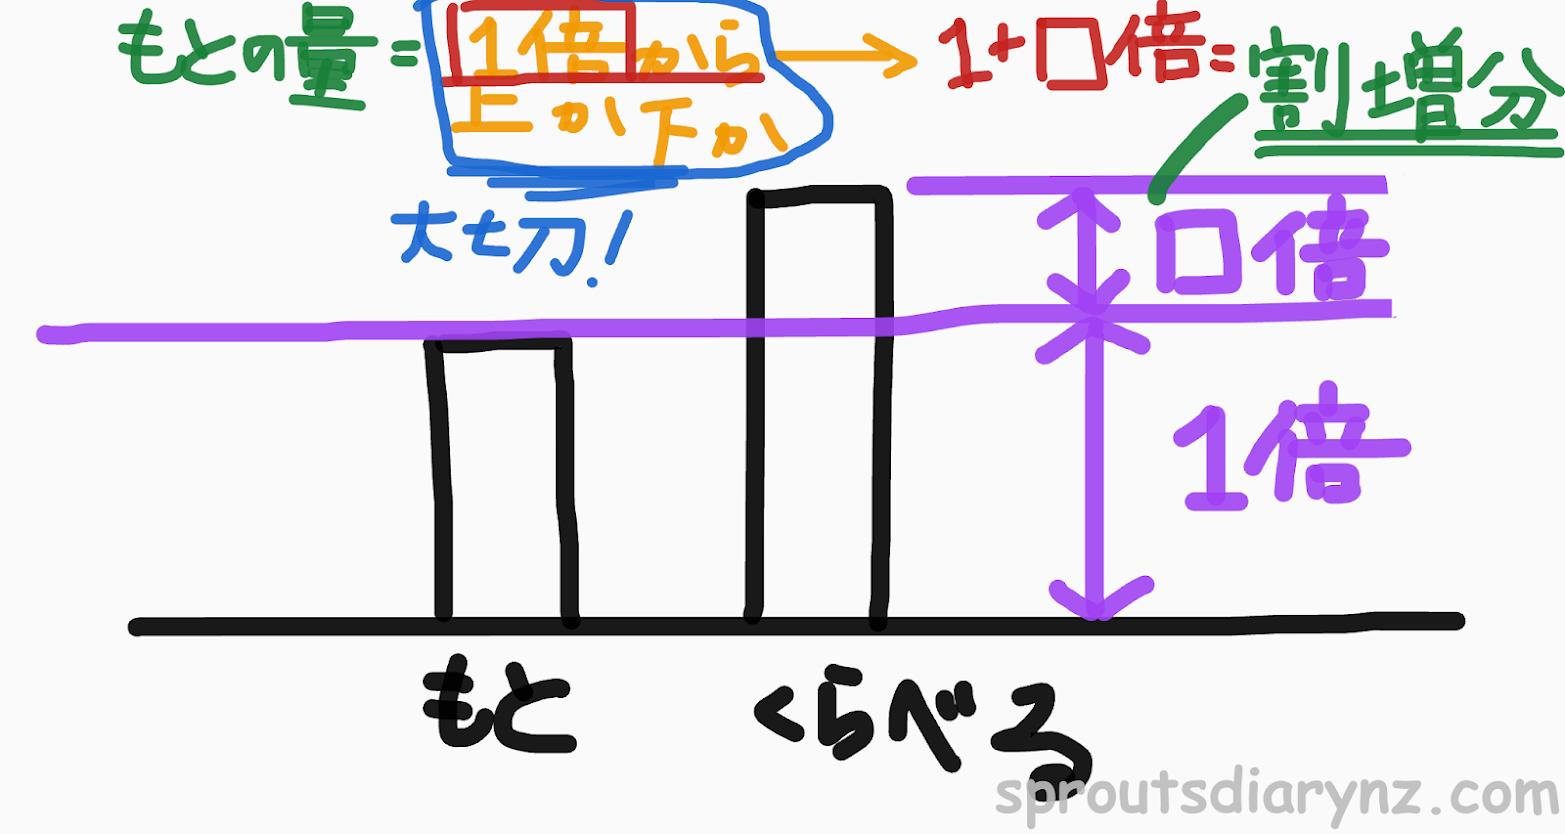 割増・割引の図解。増減分は必ず!!1倍から増減。0倍からではナイ。